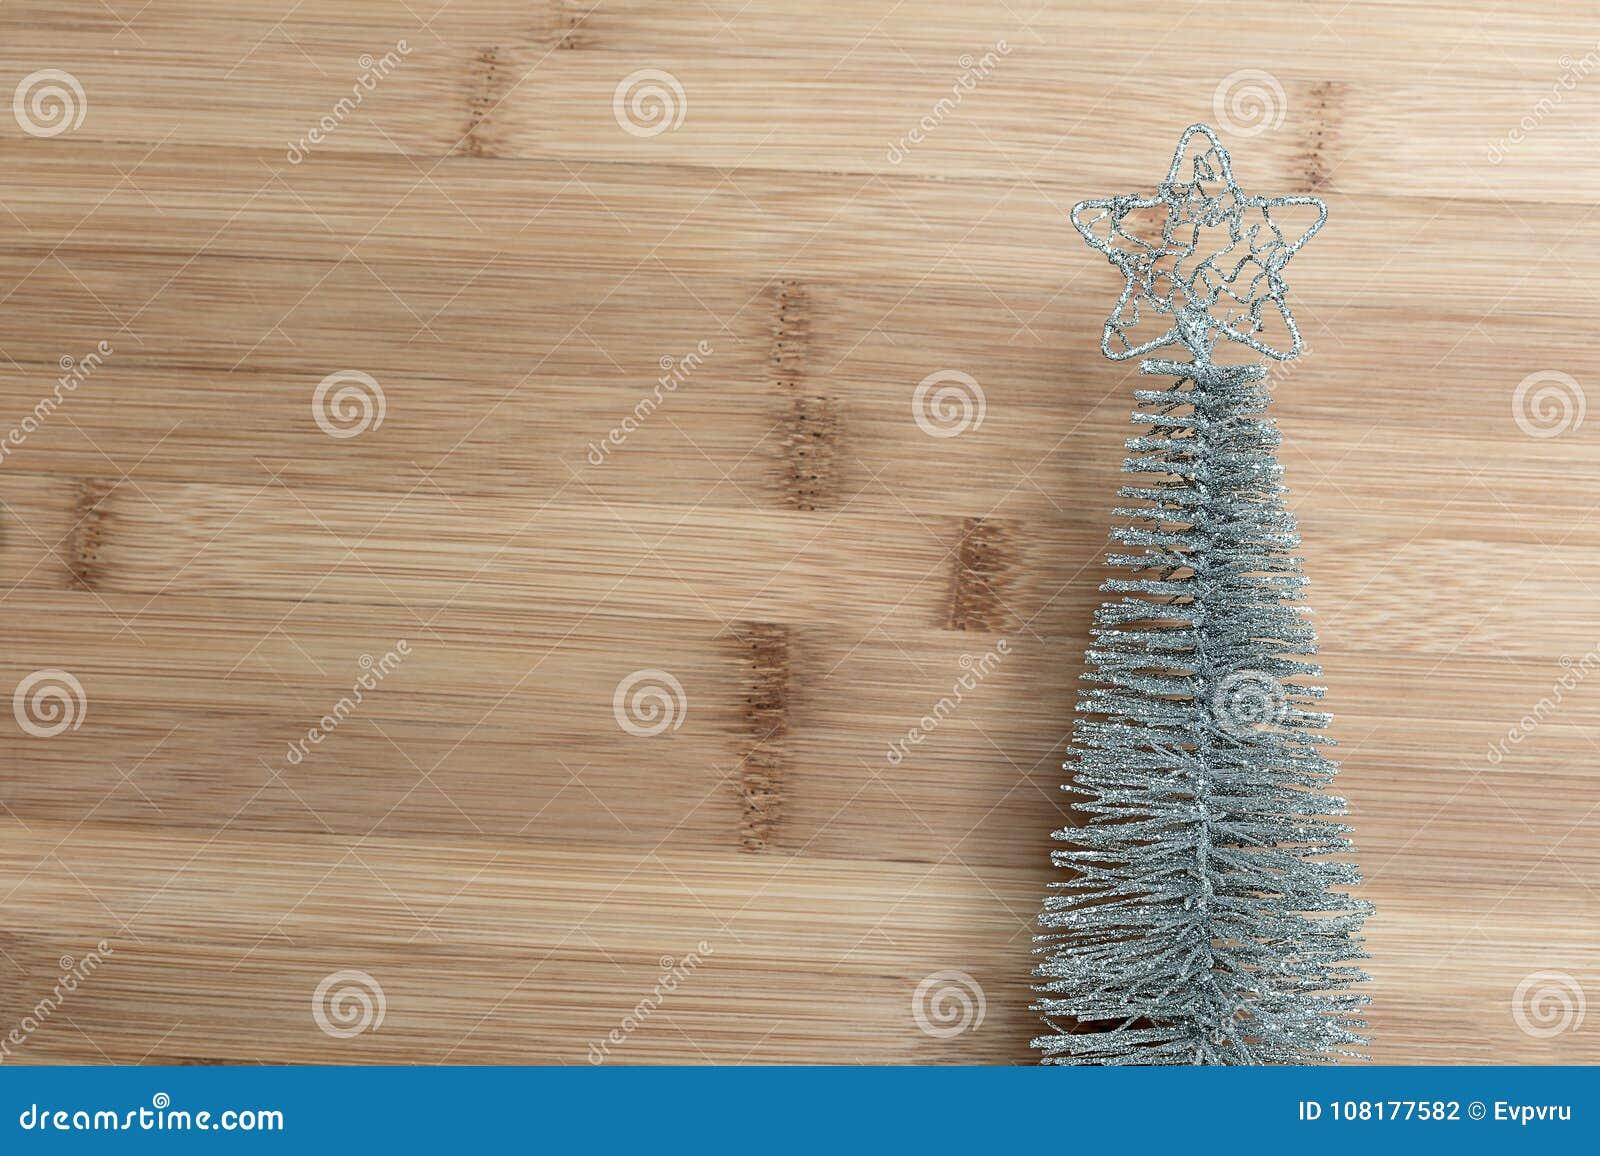 Dekorativer Weihnachtsbaum für Dekoration